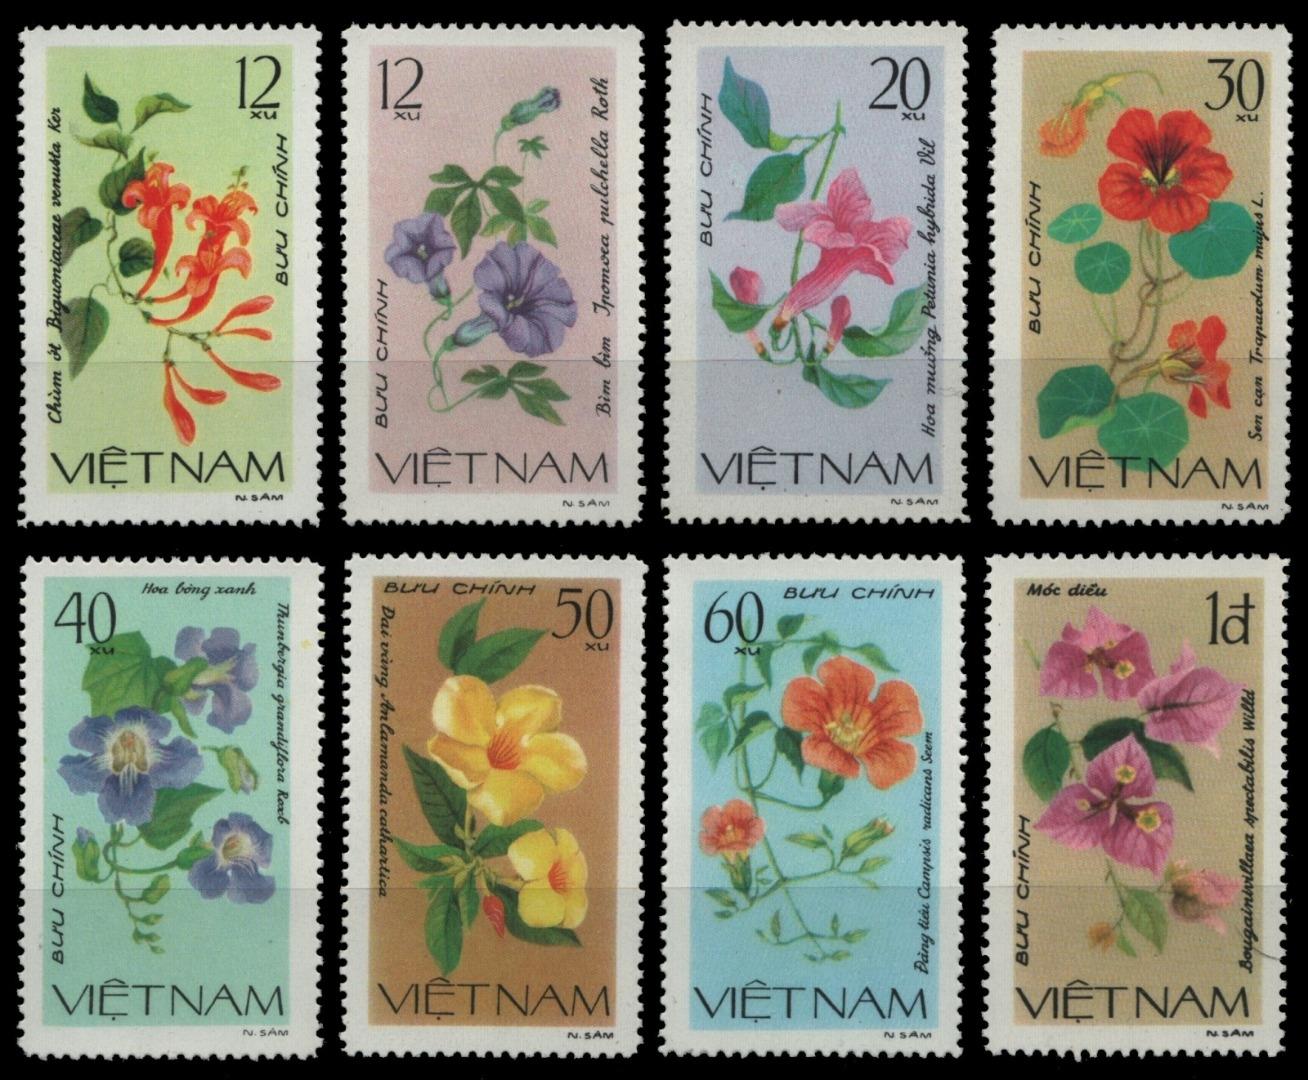 Humoristique Vietnam 1980-mi-nº 1137-1144 (*) - Sans élastique Occasionnée-fleurs/flowers-afficher Le Titre D'origine